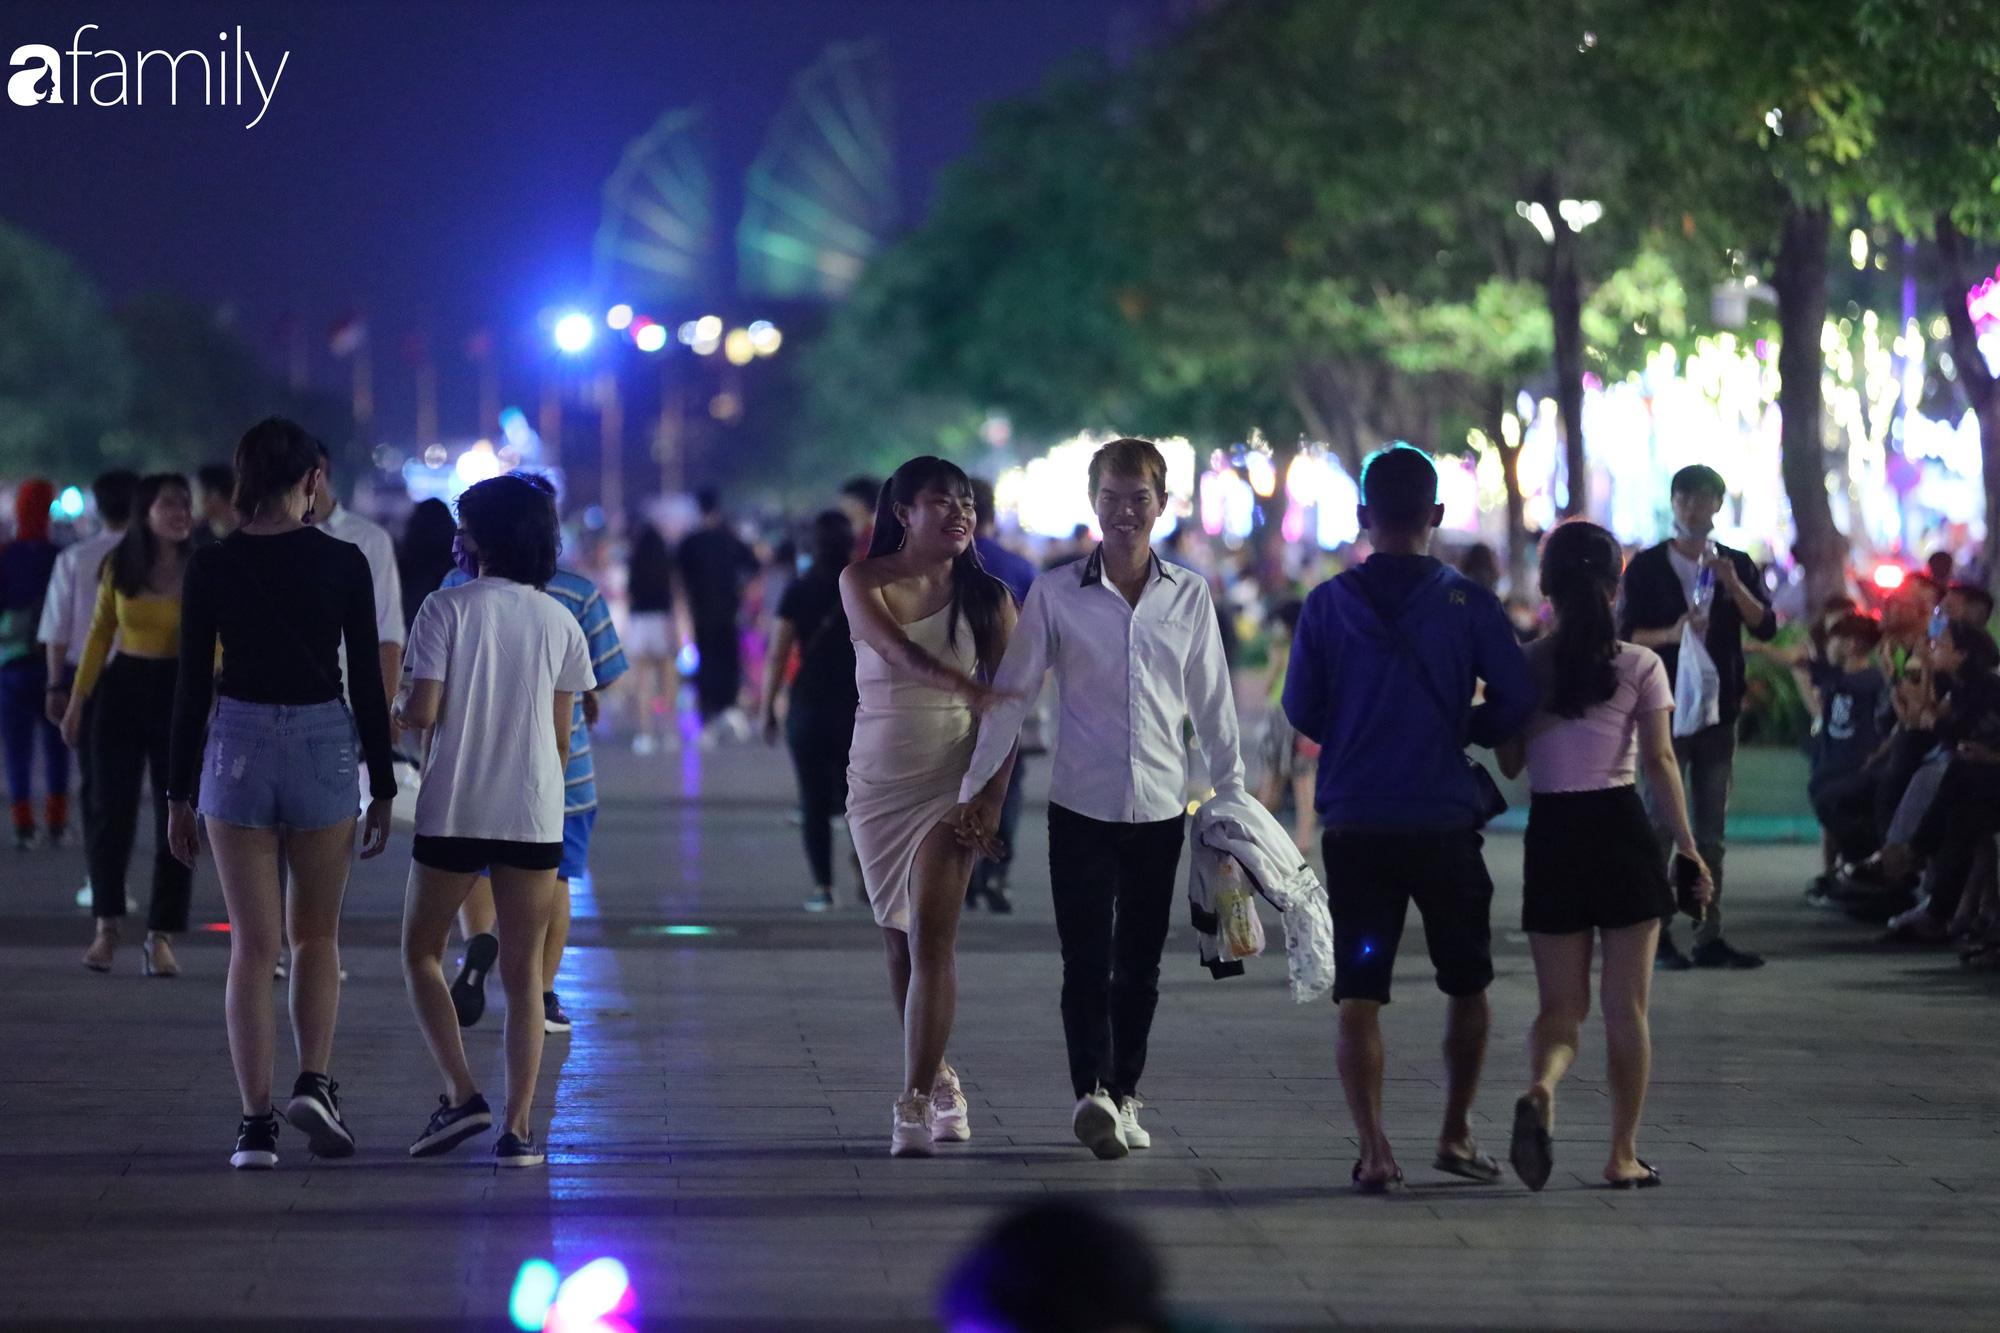 Valentine Hà Nội - Sài Gòn vắng vẻ đìu hiu vì dịch Corona, từ trung tâm thương mại đến phố phường đều ít bóng tình nhân đi chơi - Ảnh 15.